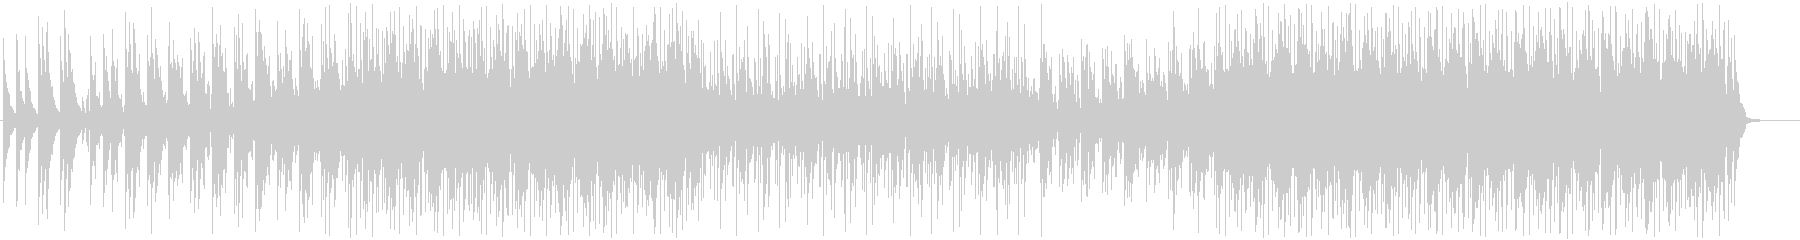 夜のChillファンクジャズ-メロウの未再生の波形